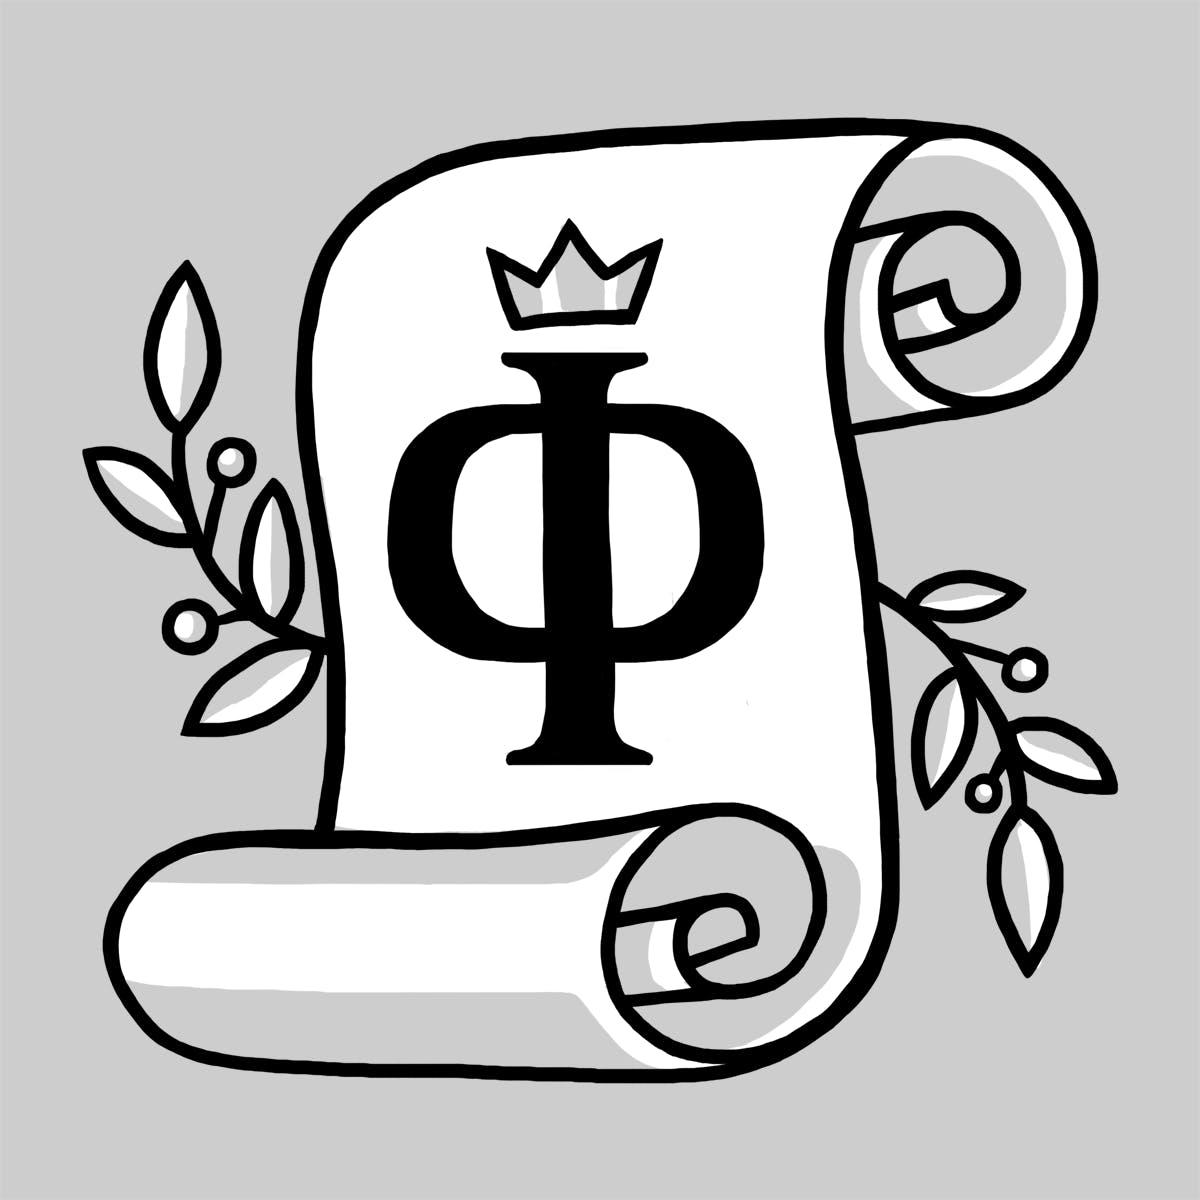 Основы философии: о чем спорят философы сегодня